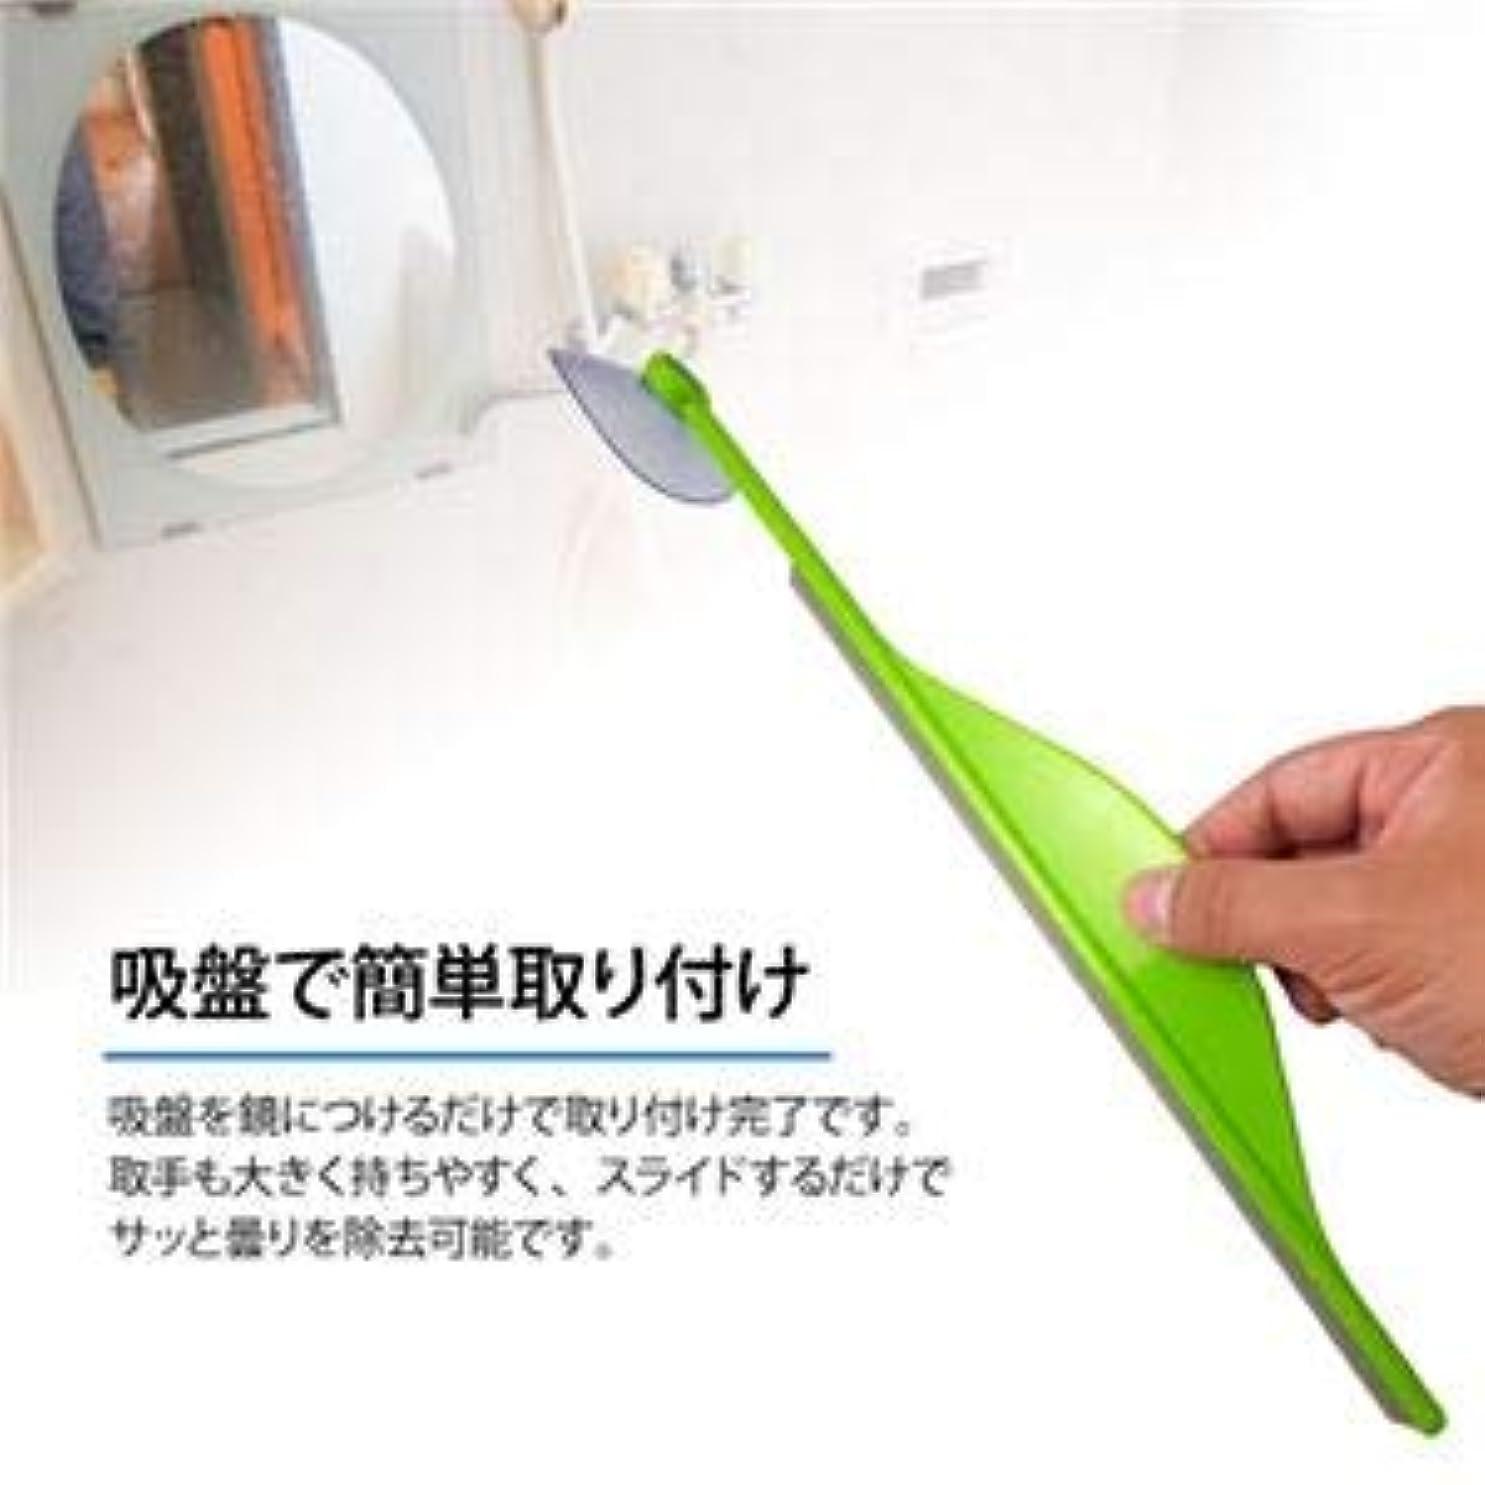 問い合わせるささやき製作(まとめ) ITPROTECH バスミラーワイパー YT-BATHWIPER 【×5セット】